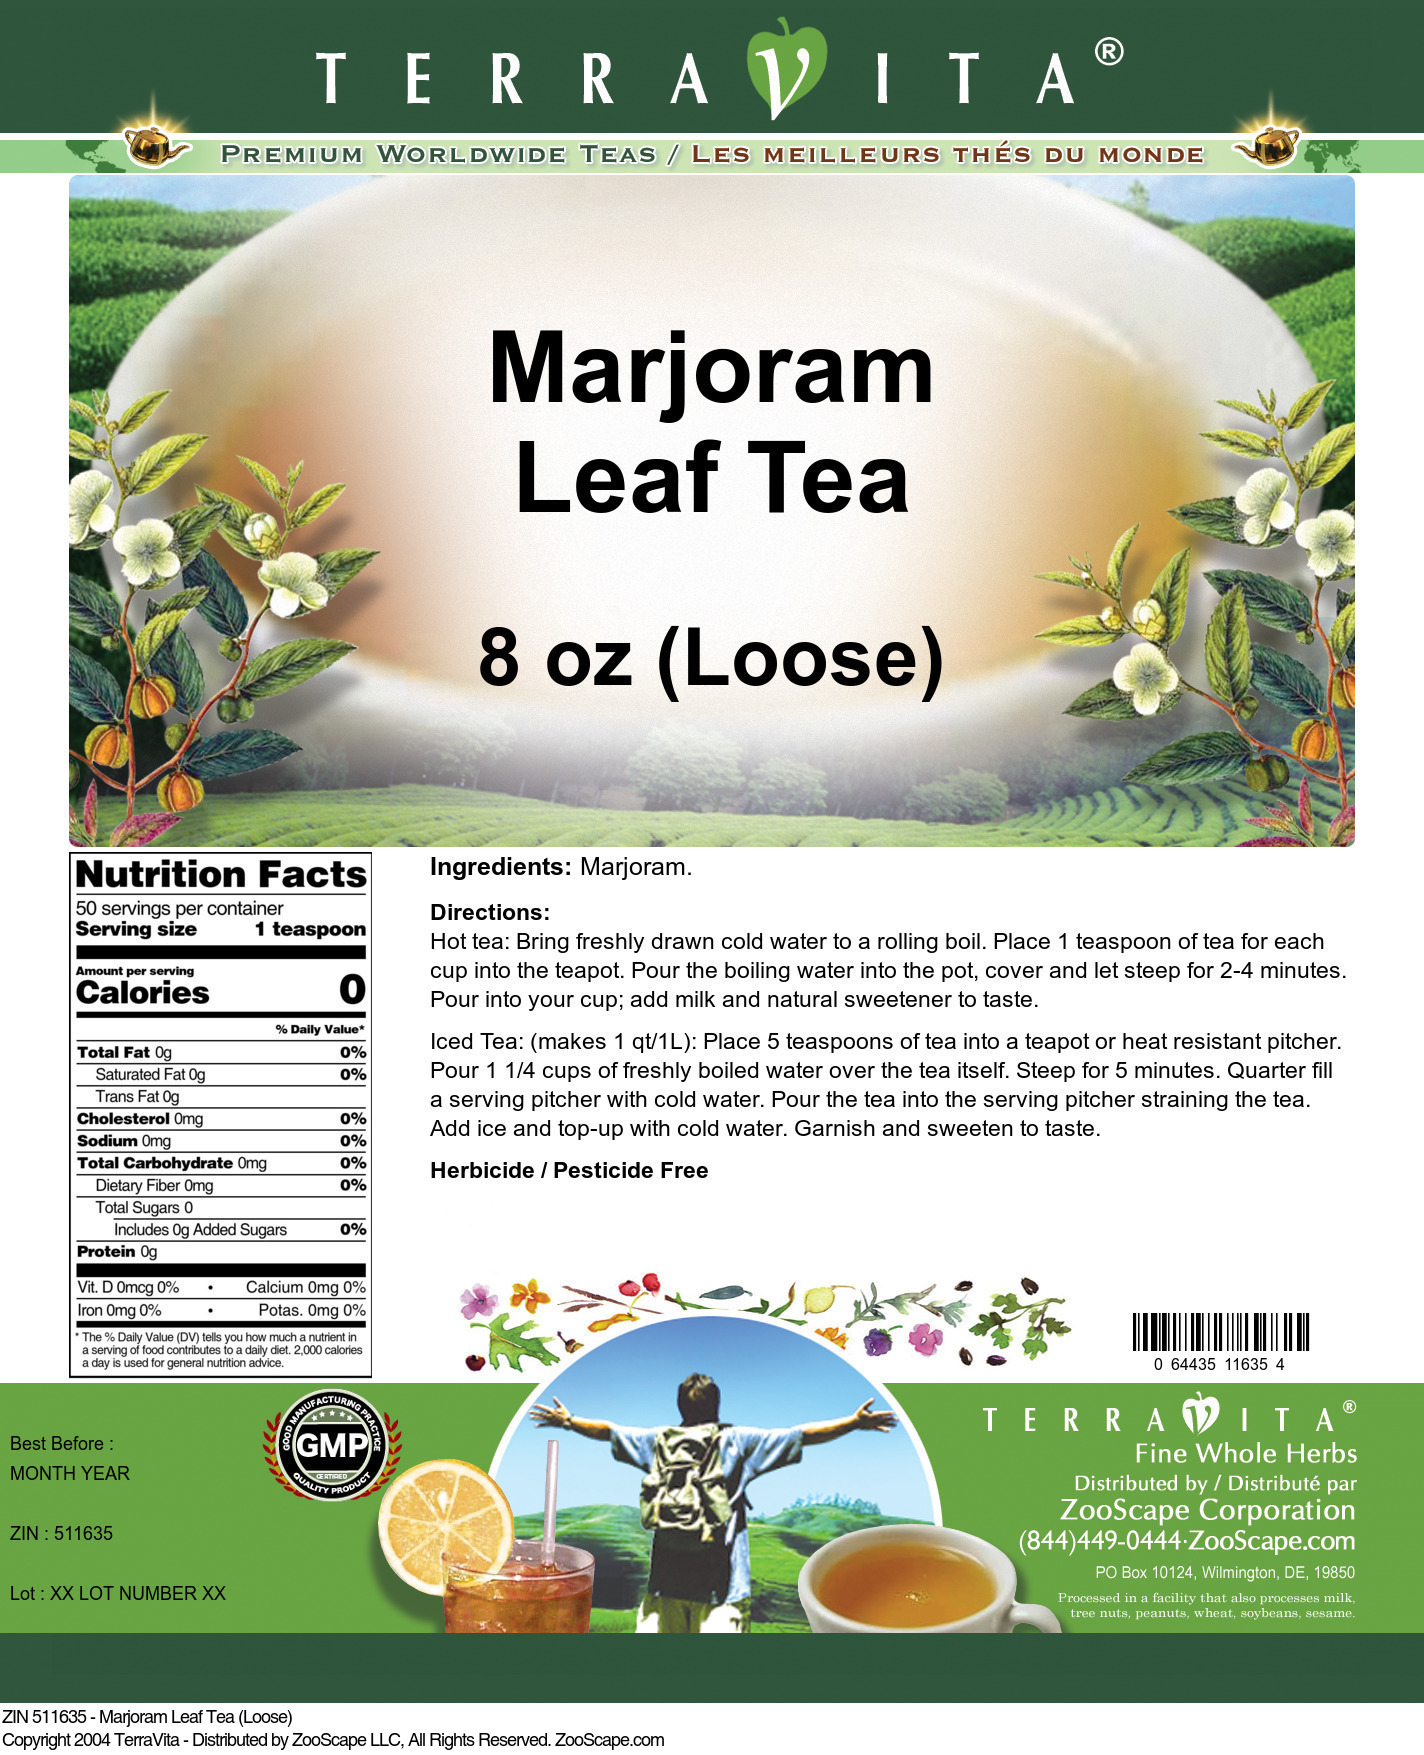 Marjoram Leaf Tea (Loose)